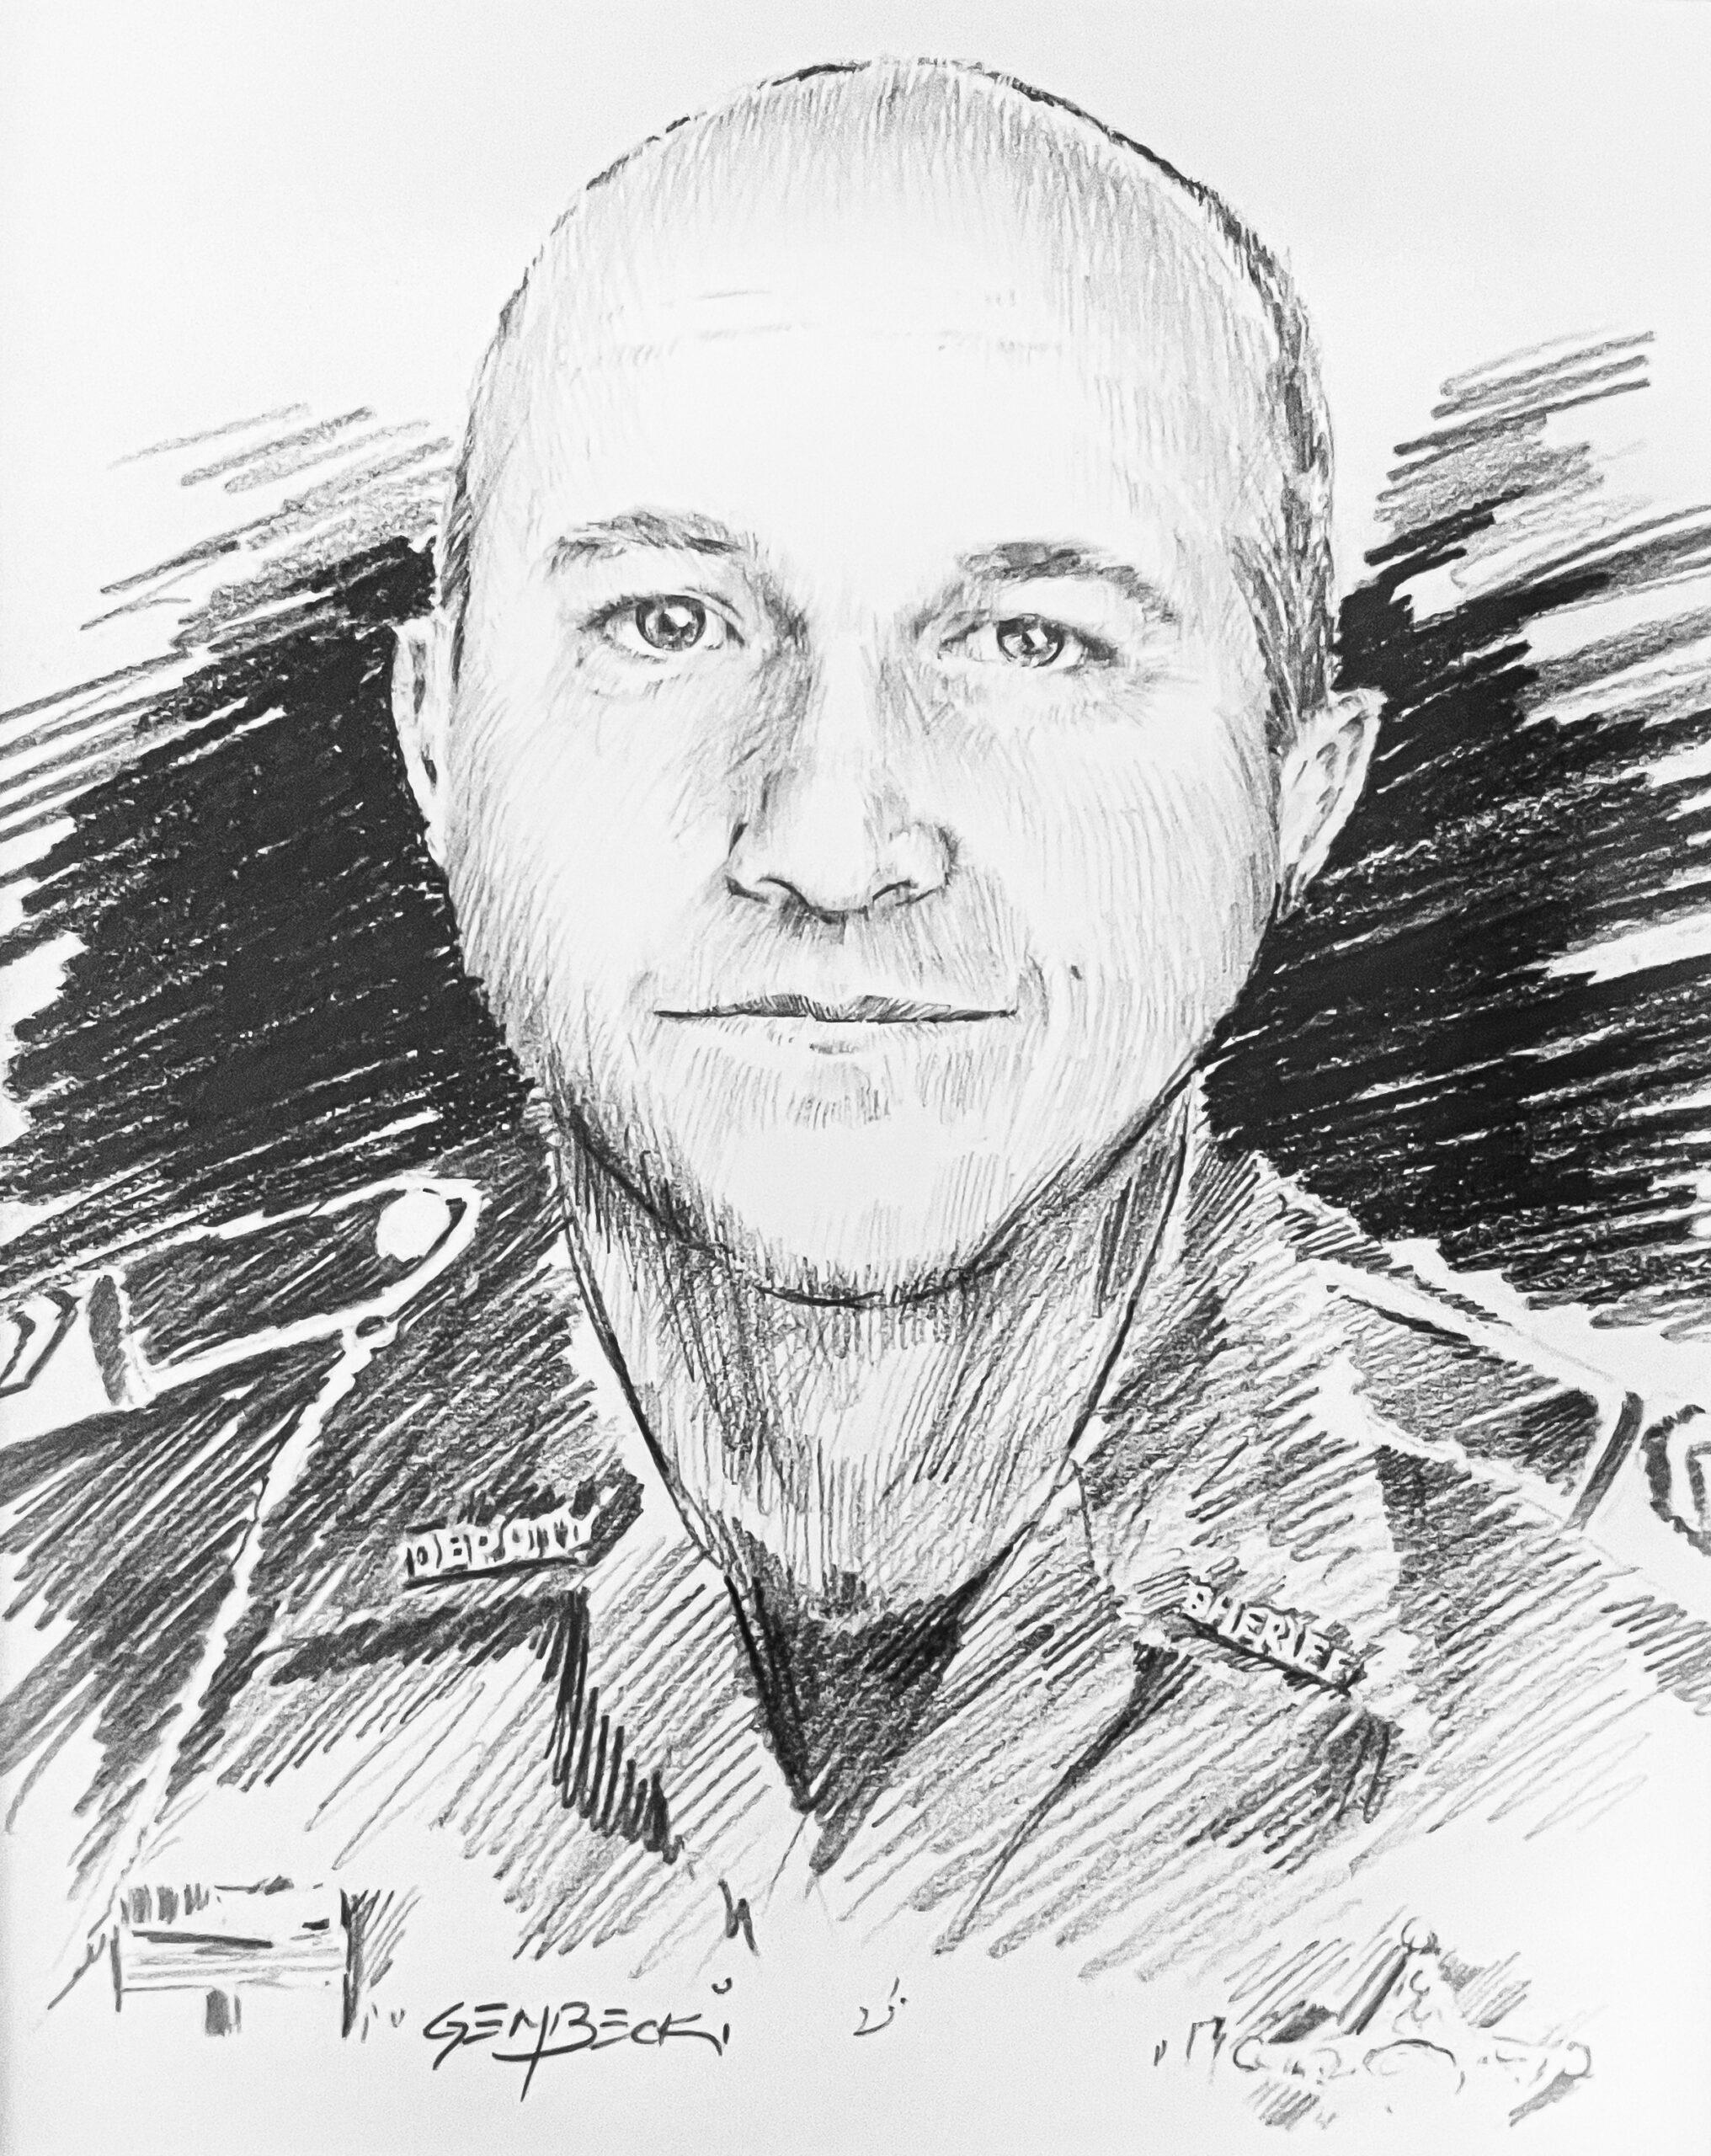 Corporal Banos